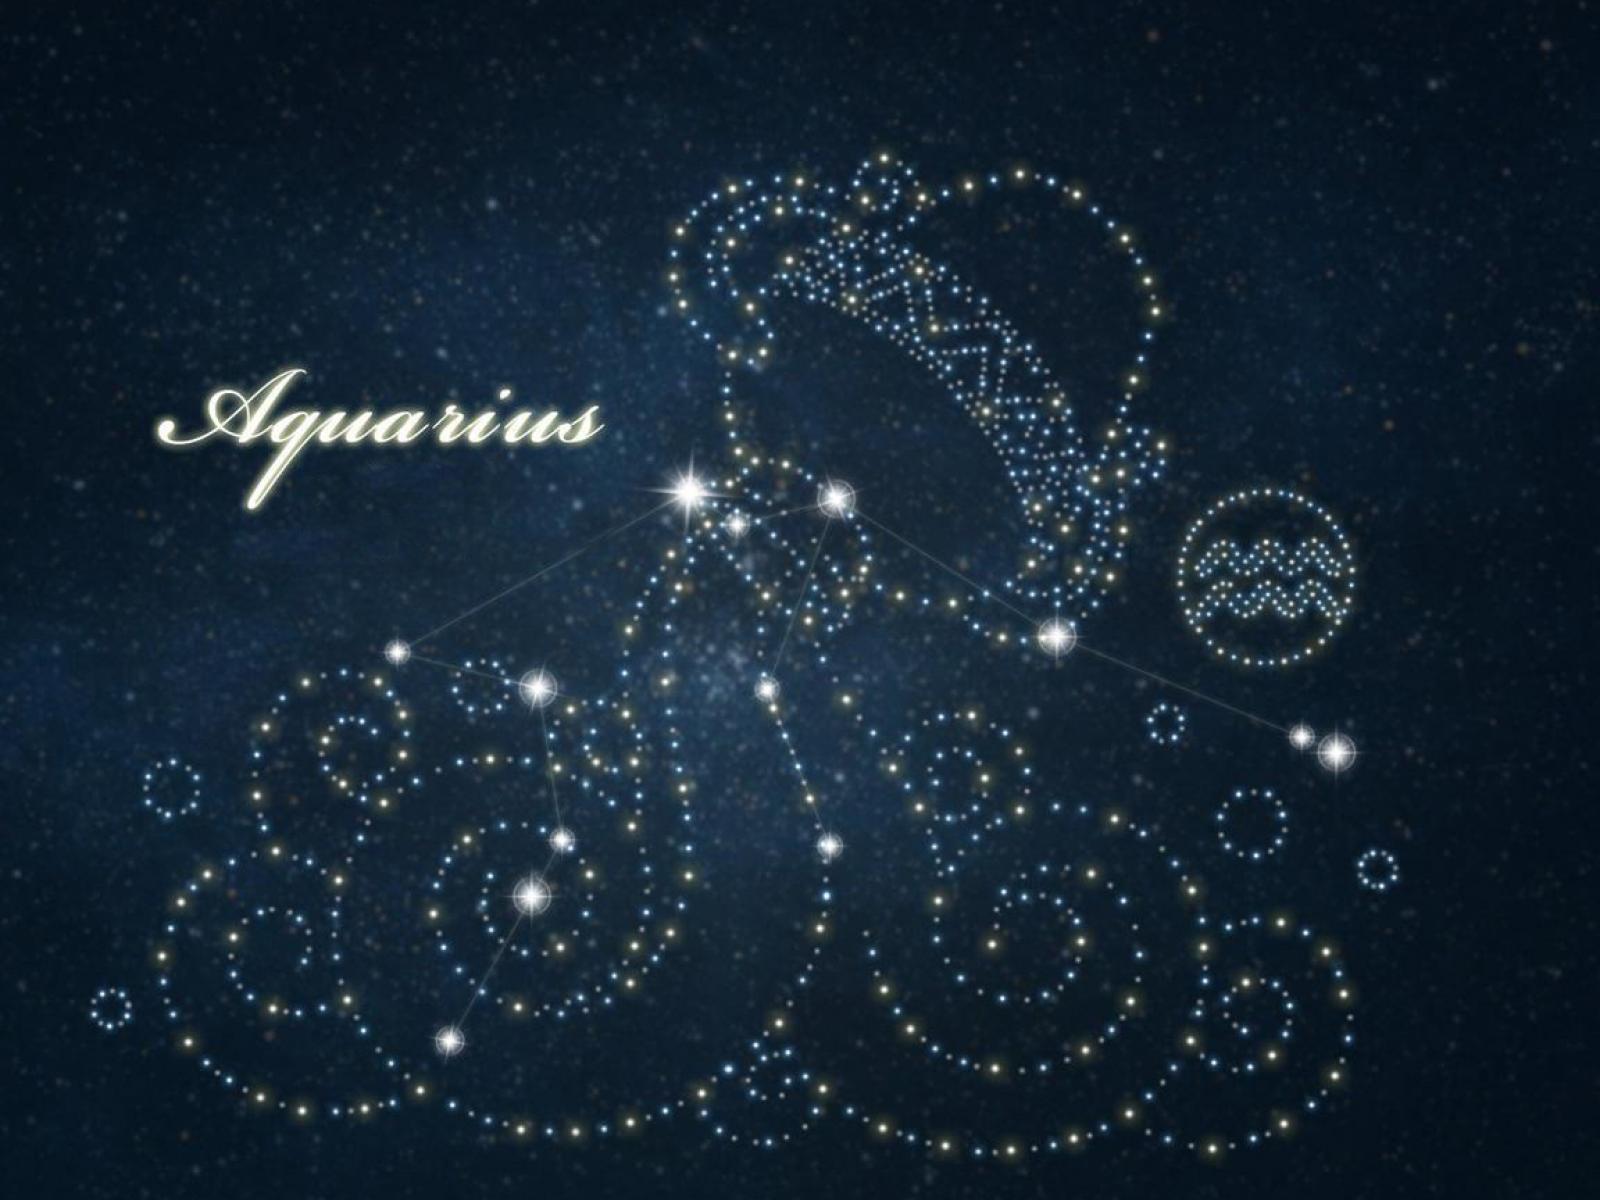 Images For Aquarius Symbol Wallpaper